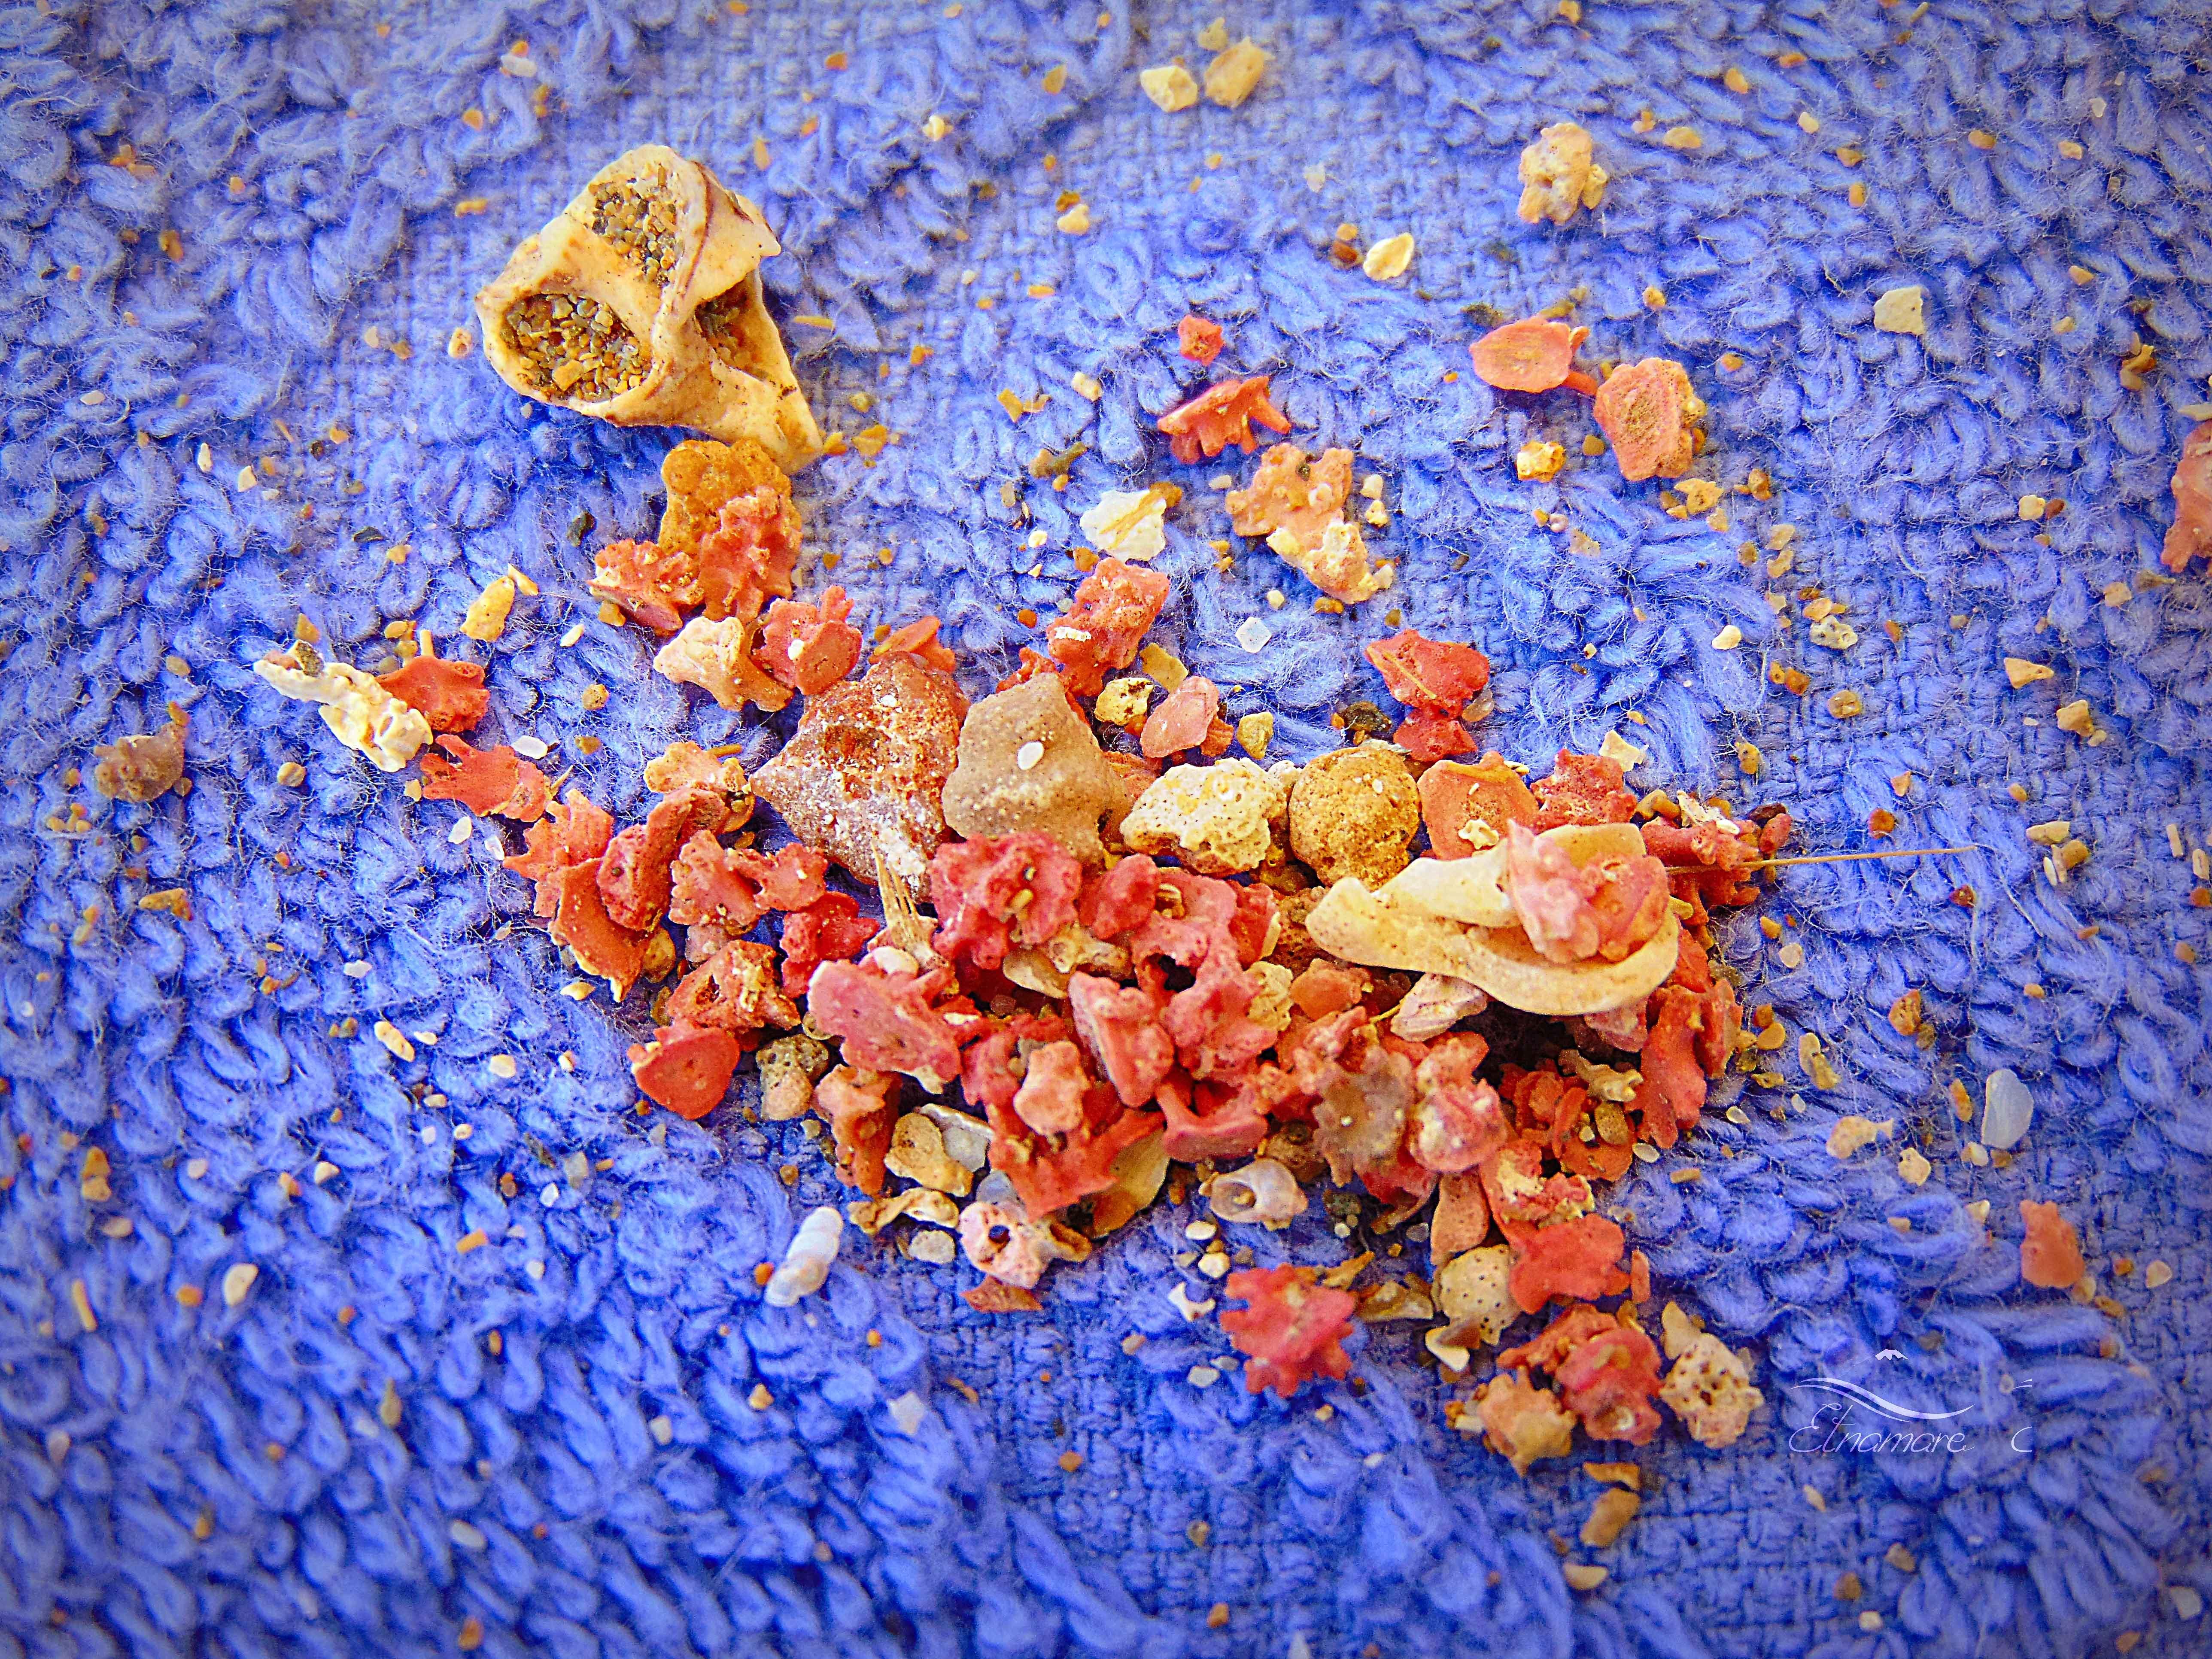 кораллы, собранные в районе Портопало (10 мин от САн Лоренцо)